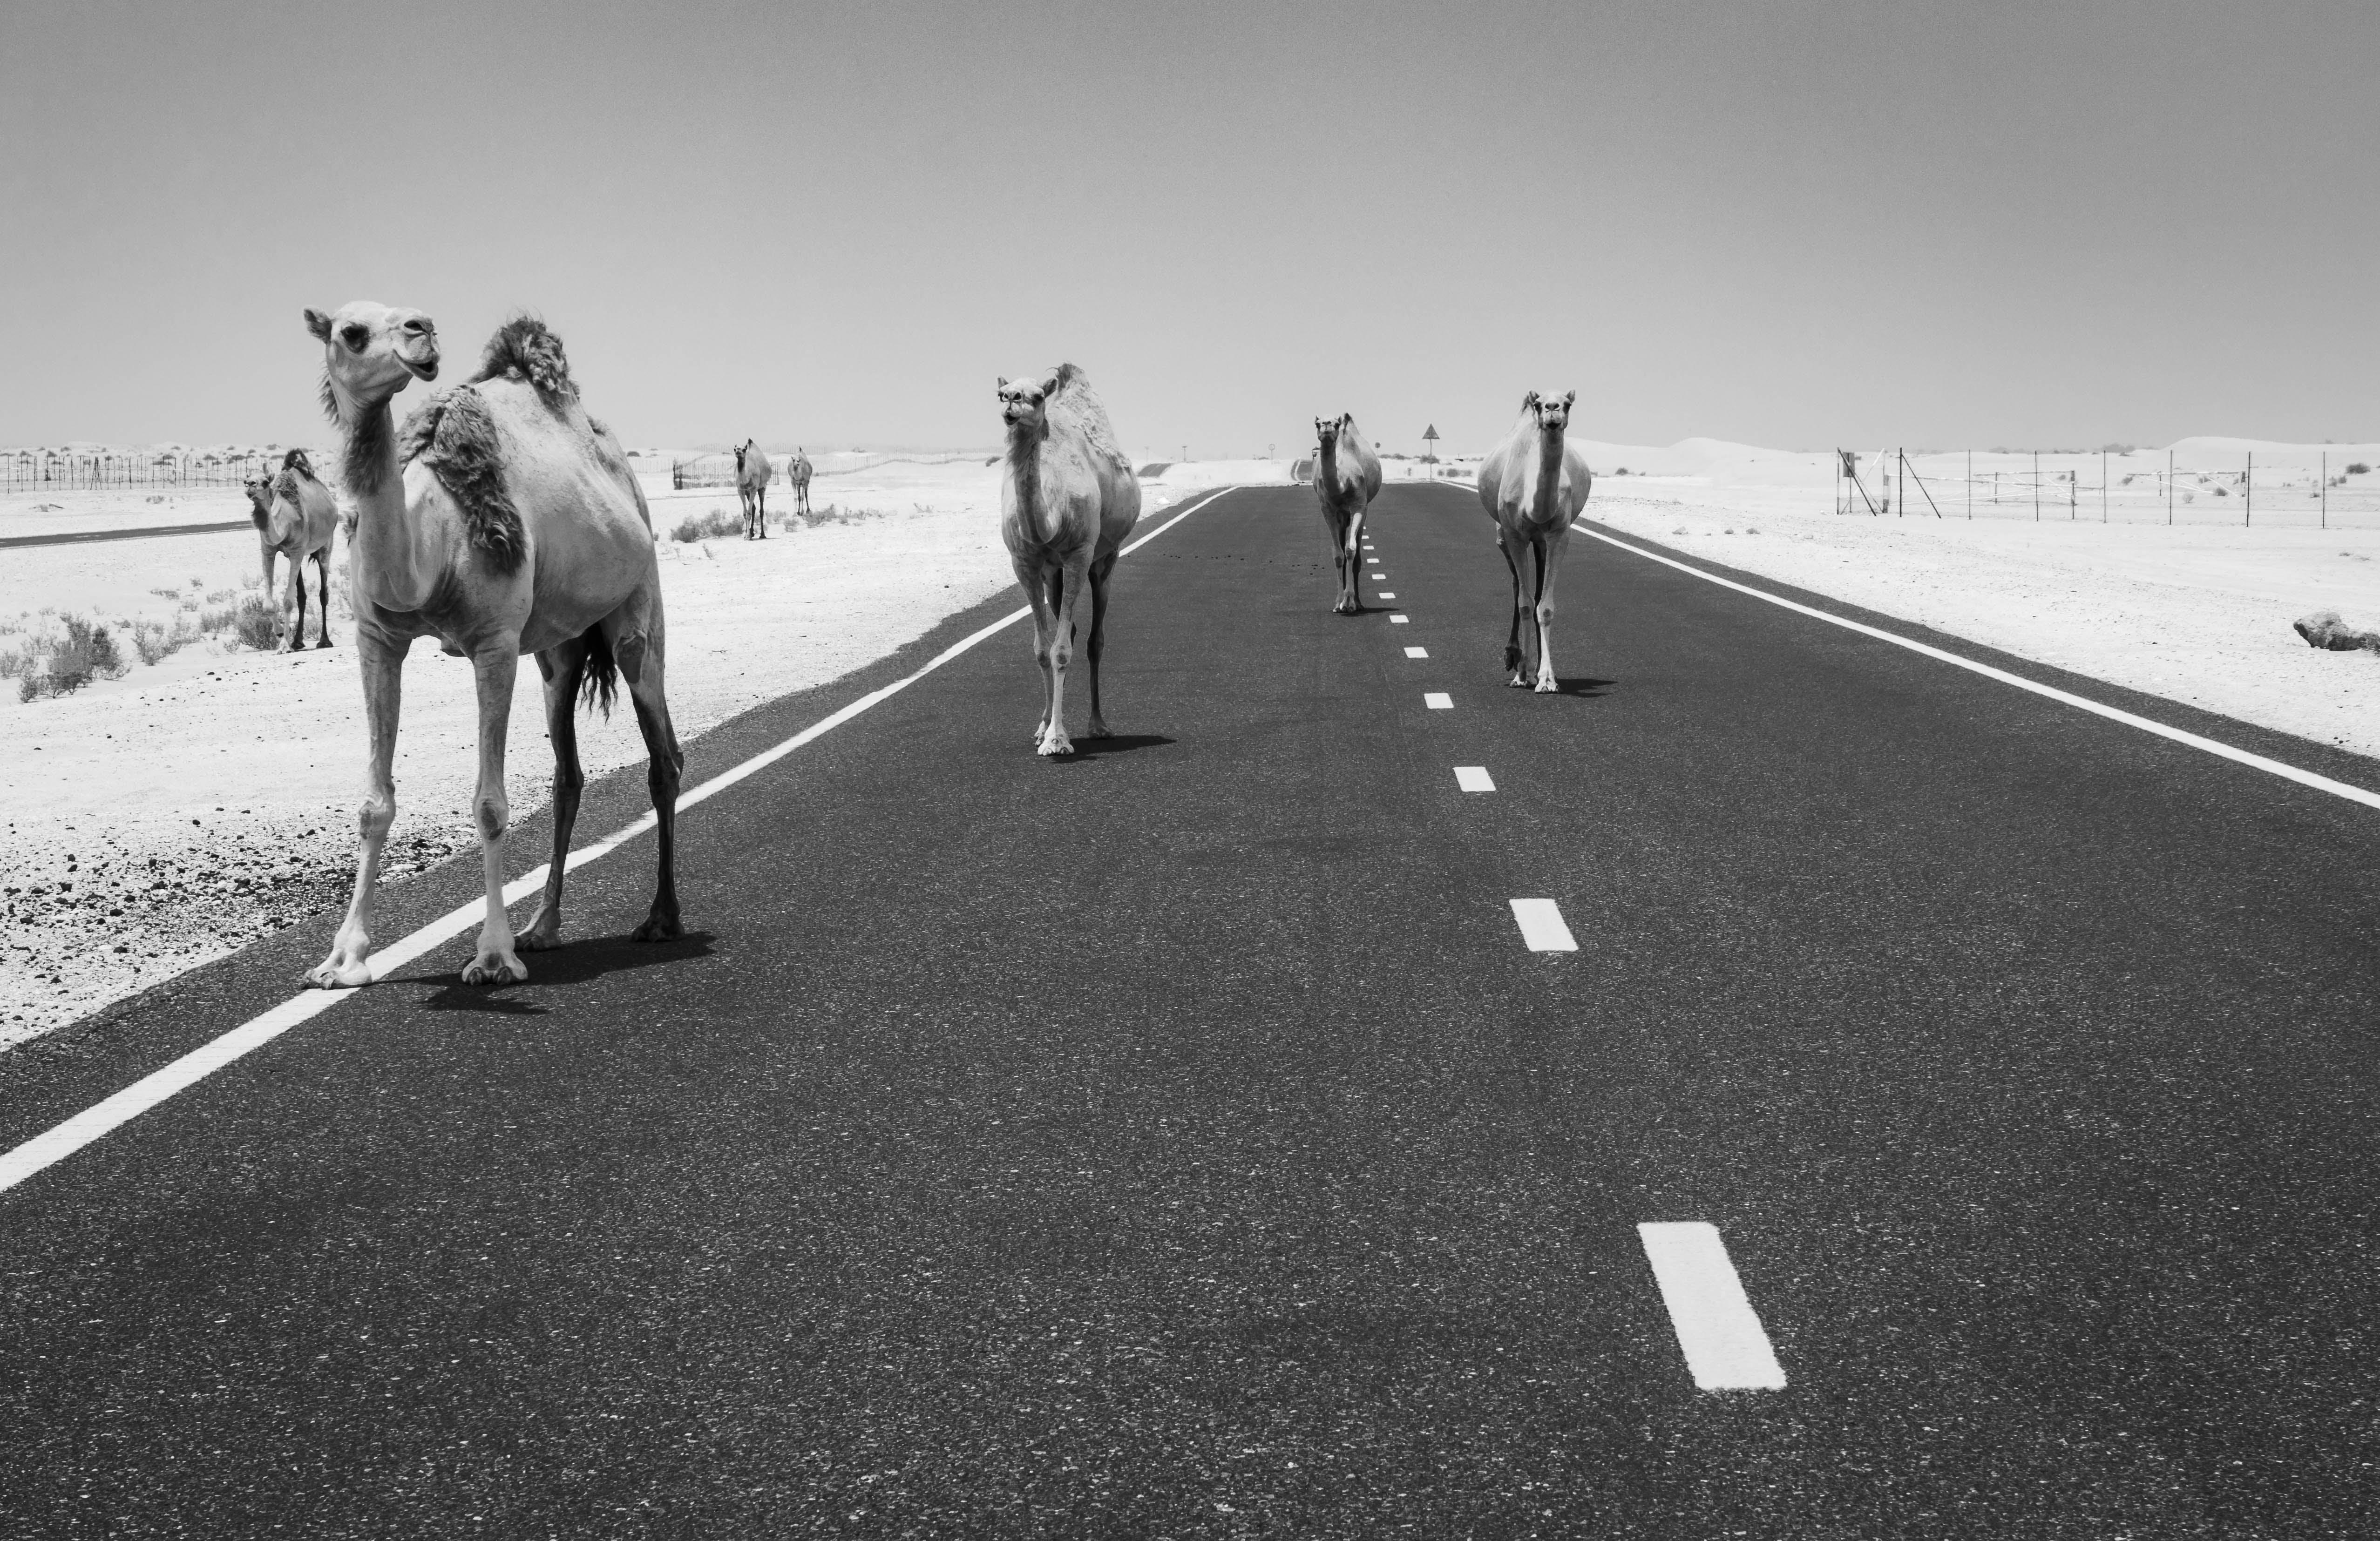 Gratis stockfoto met beesten, grayscale, kamelen, straat